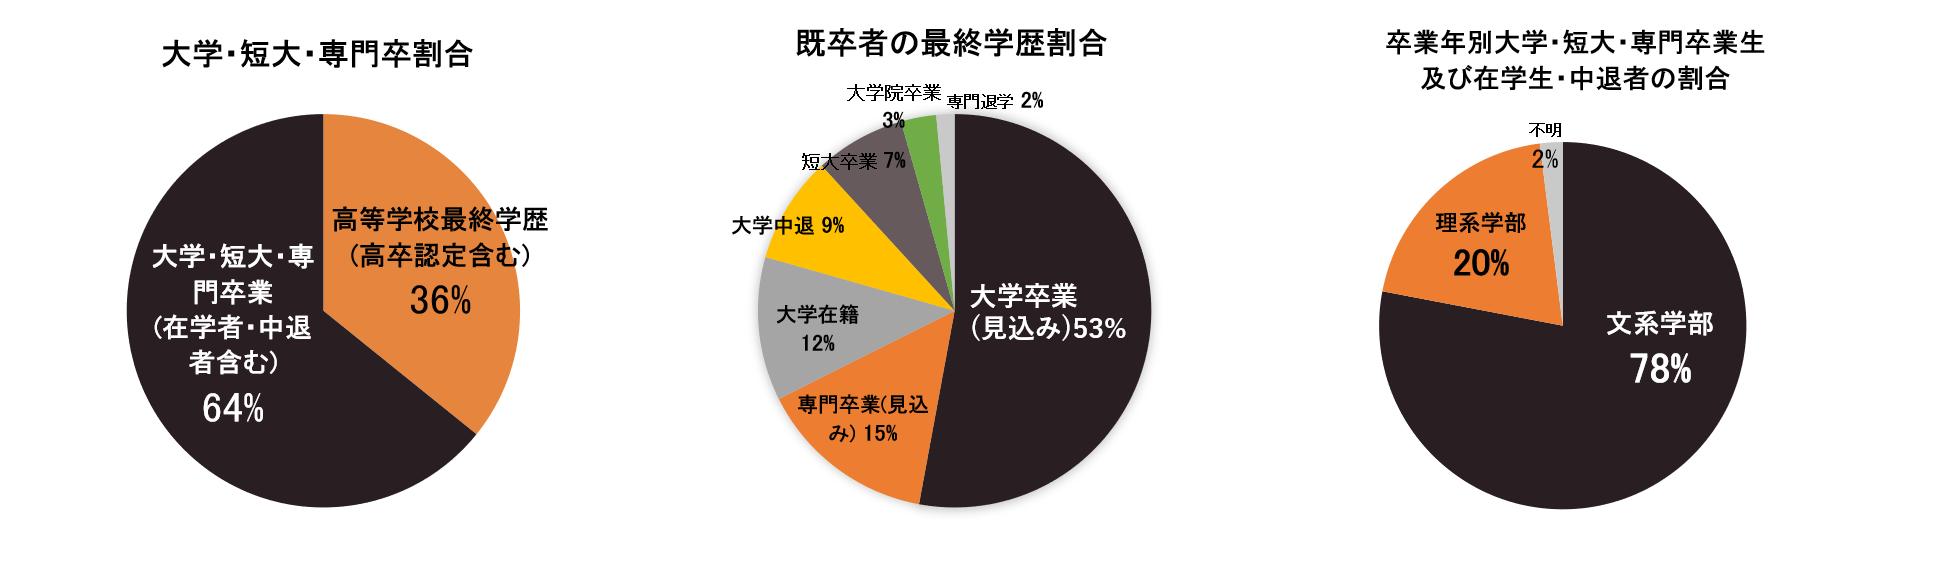 既卒者の出身校 出身大学 最終学歴割合